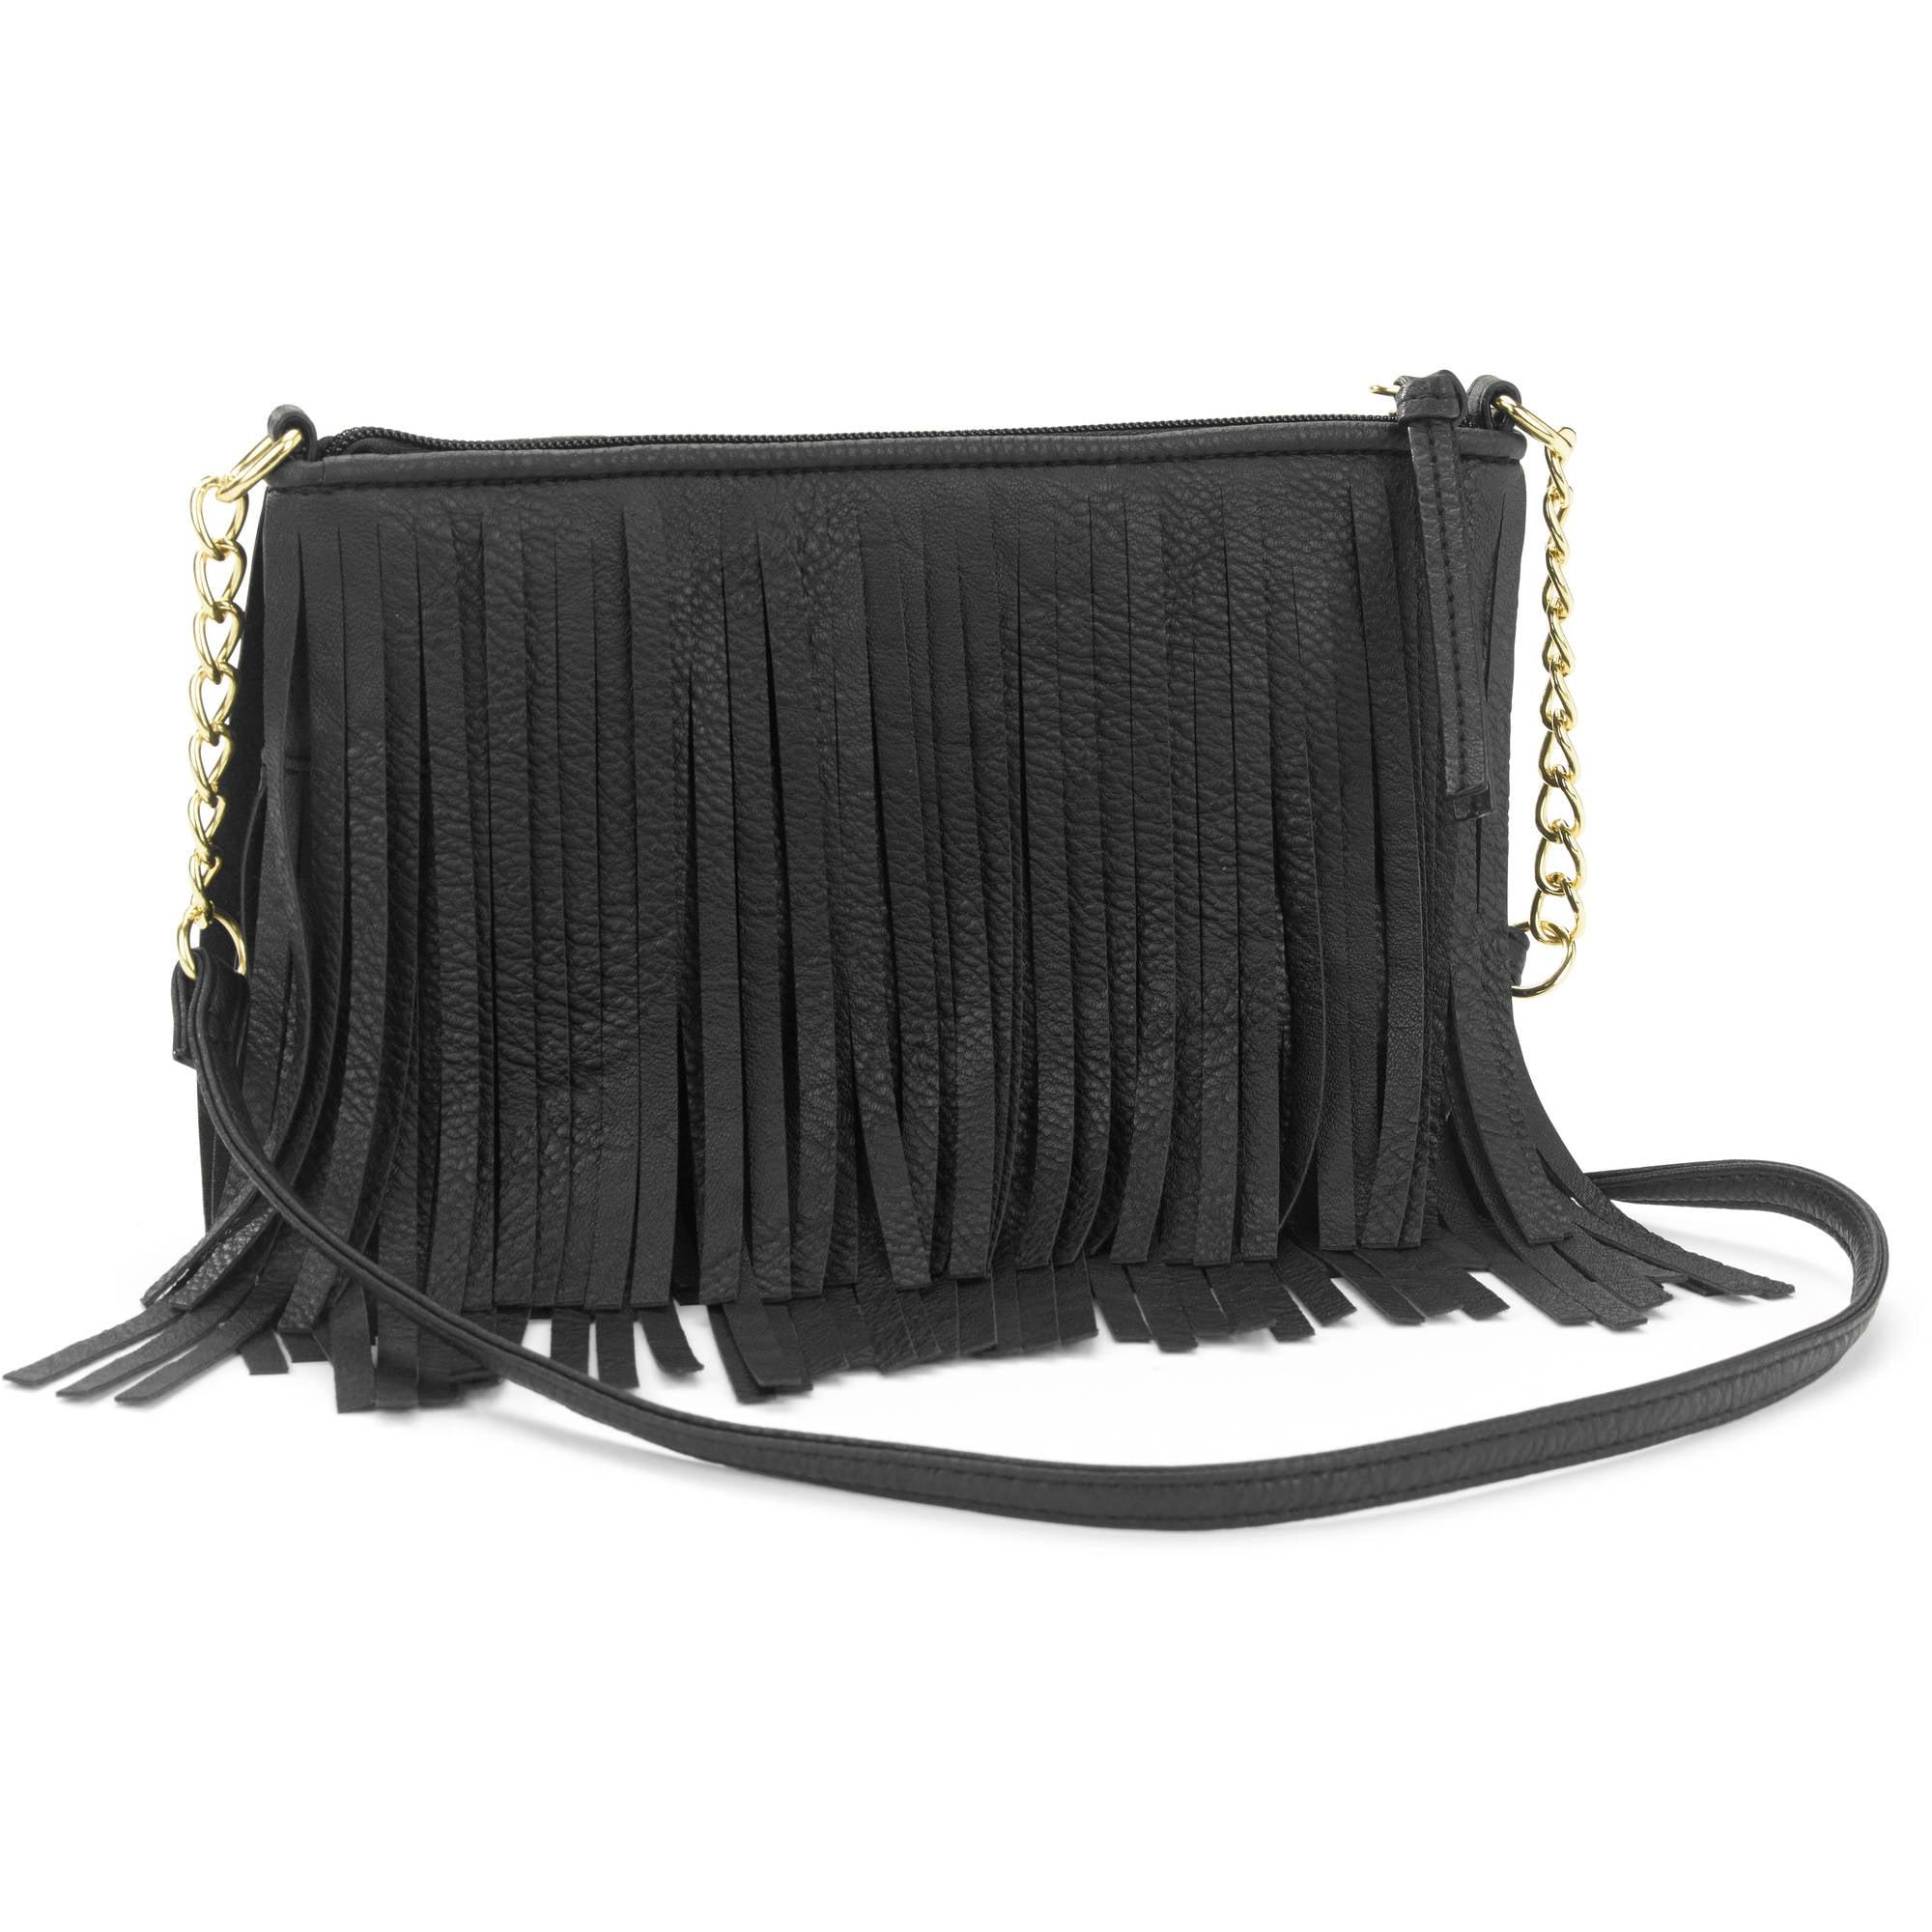 Women's Boho Festival Inspired Fringe Cross Body Handbag